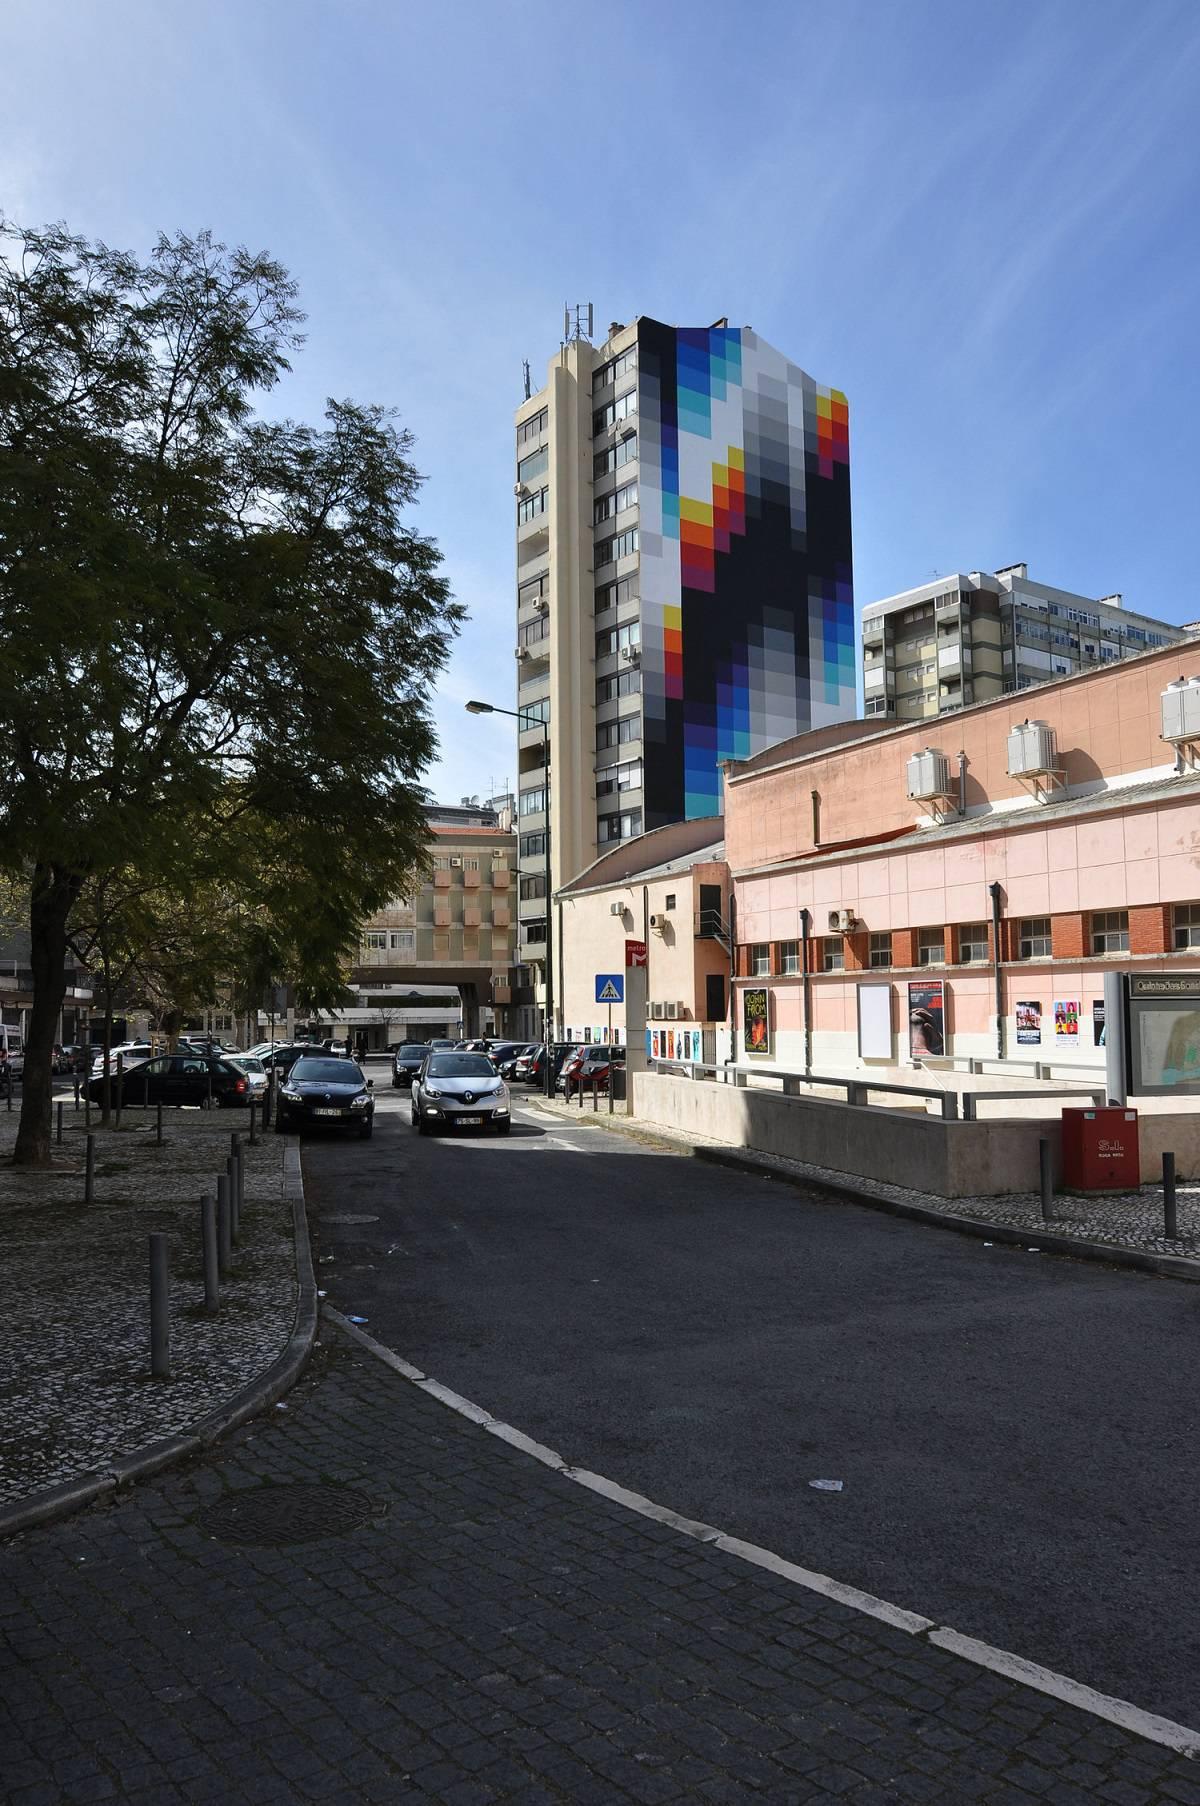 foto de trabalho artístico de Felipe Pantone em Lisboa, no Lumiar